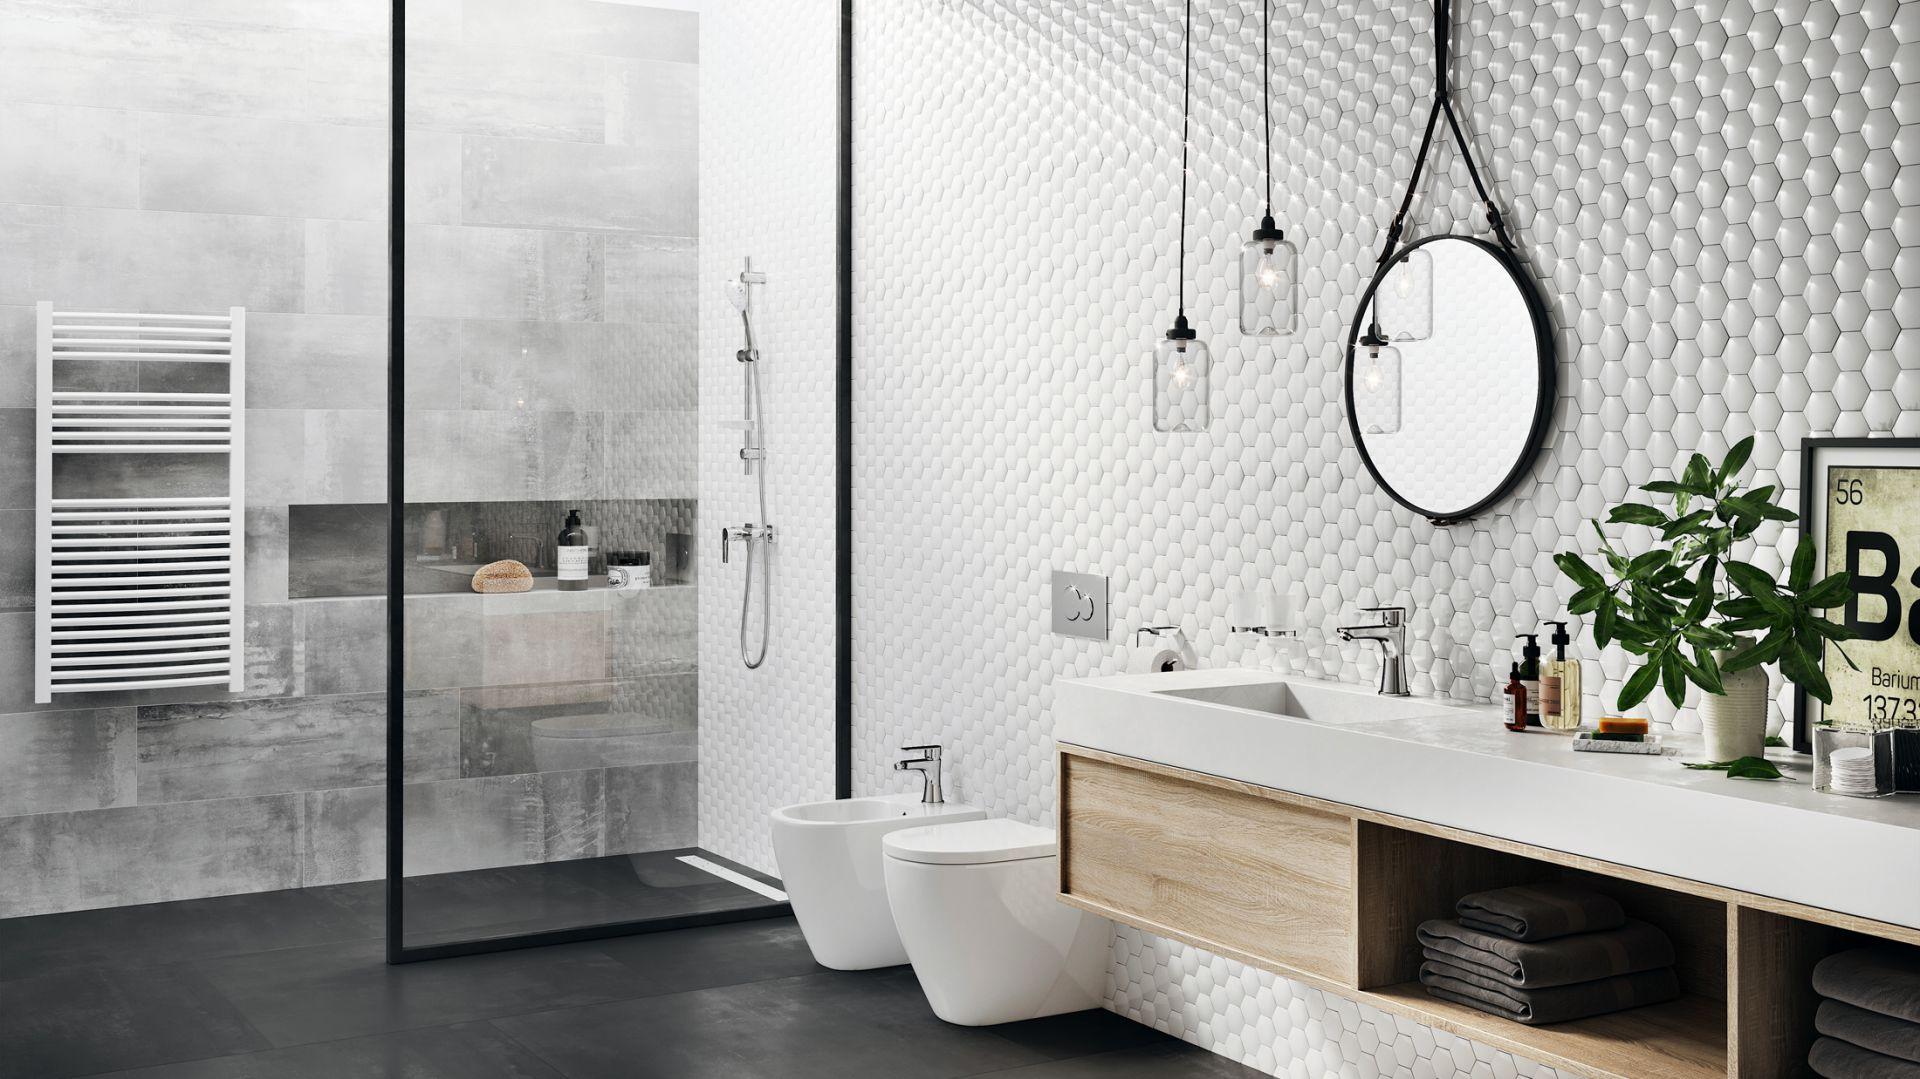 Nowoczesna łazienka 5 Pomysłów W Skandynawskim Stylu